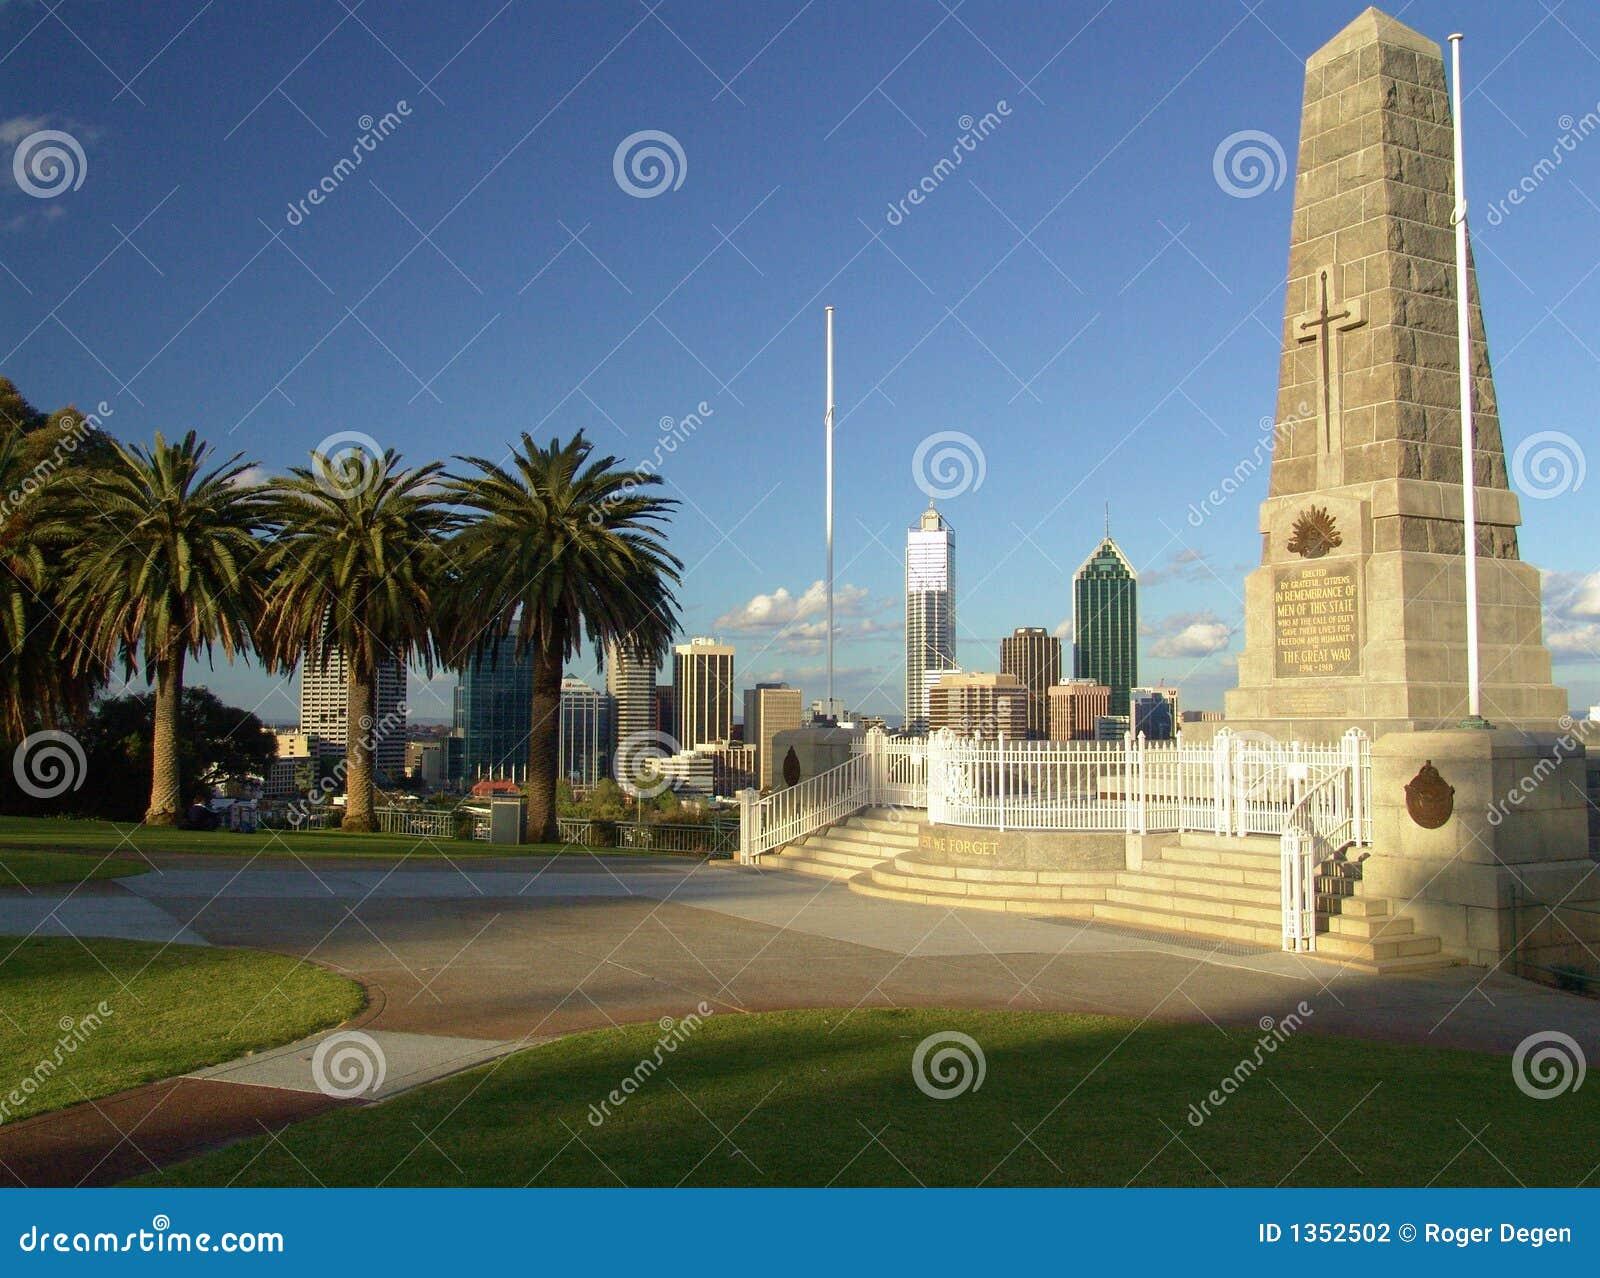 Ww1 end date in Perth